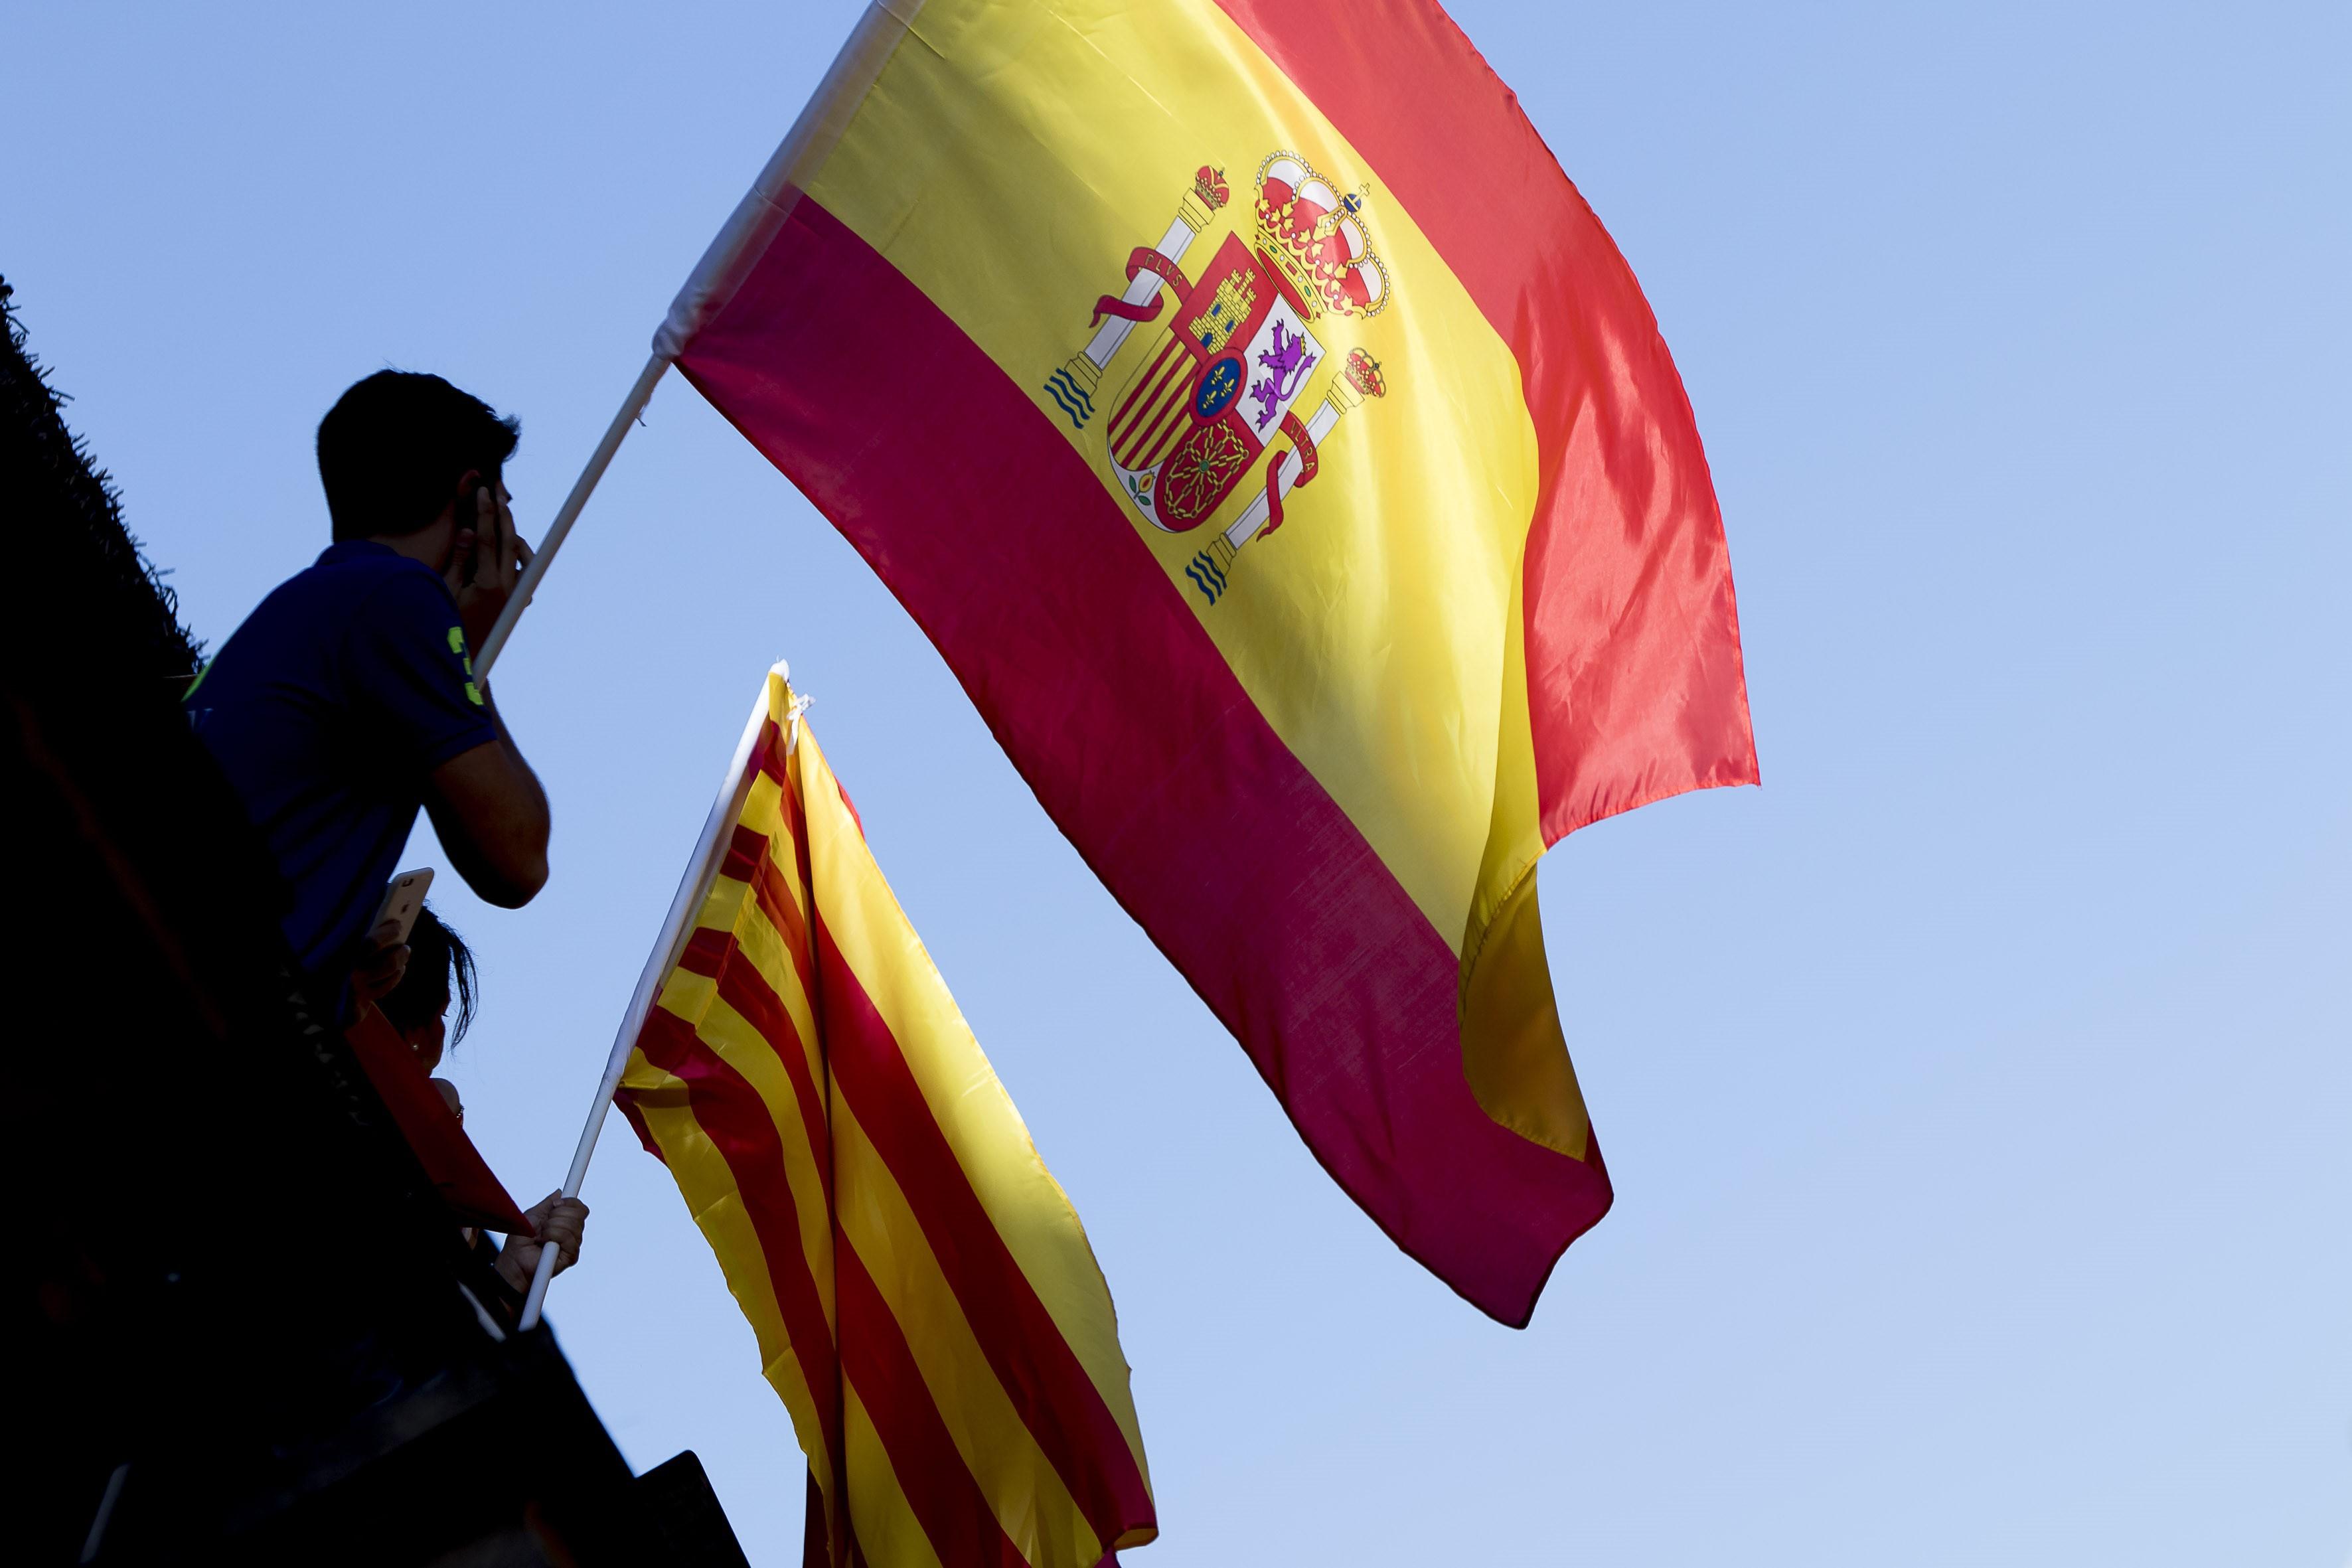 Regele Filip al VI-lea: Catalonia va continua să aparţină Spaniei